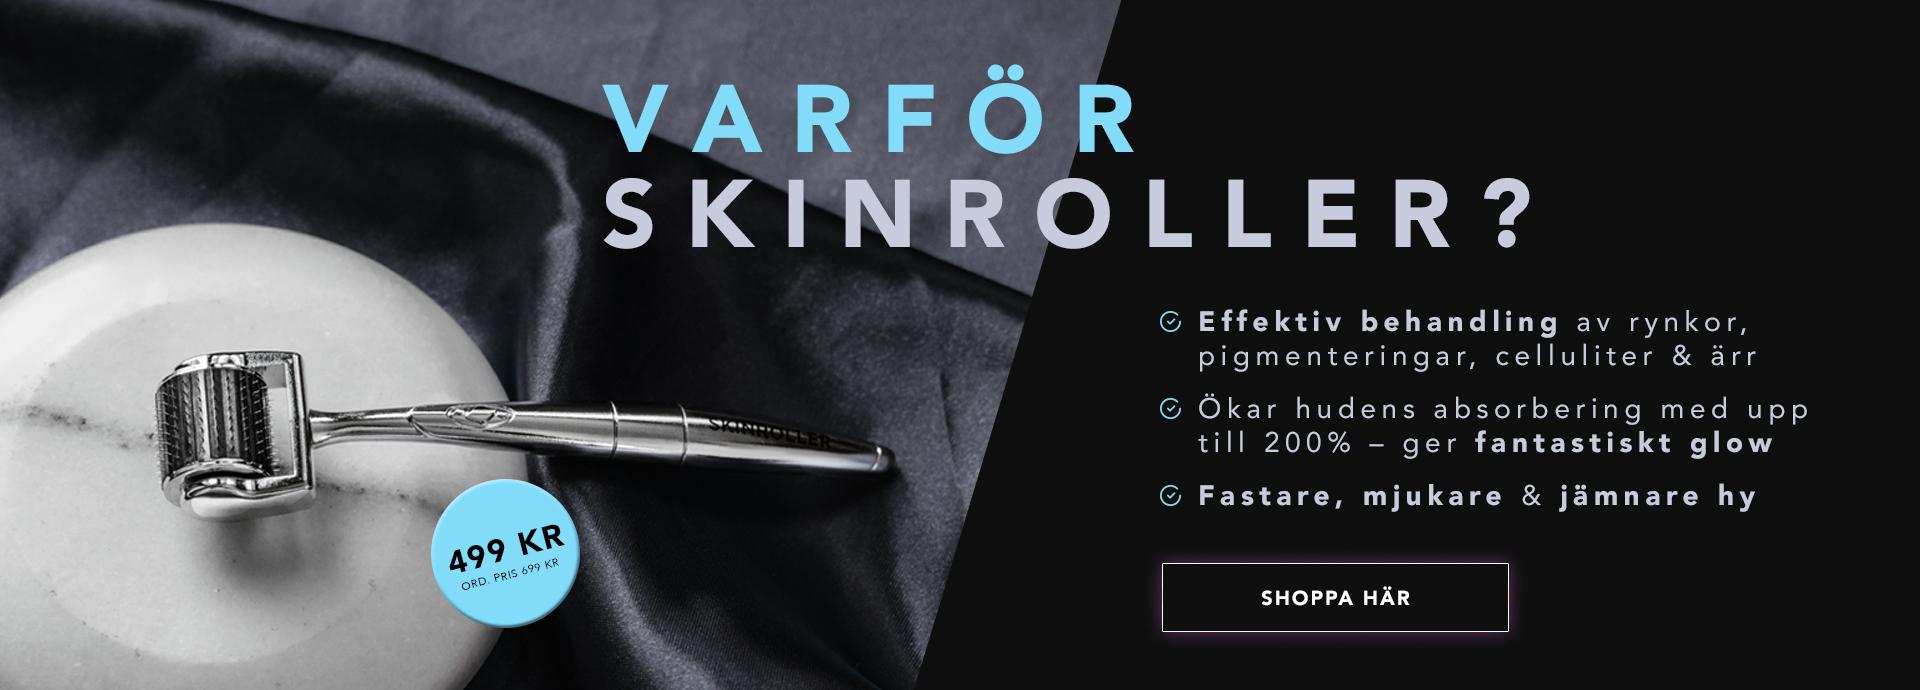 https://www.skinroller.se/image/4876/start-DESKTOP-silver2.jpg